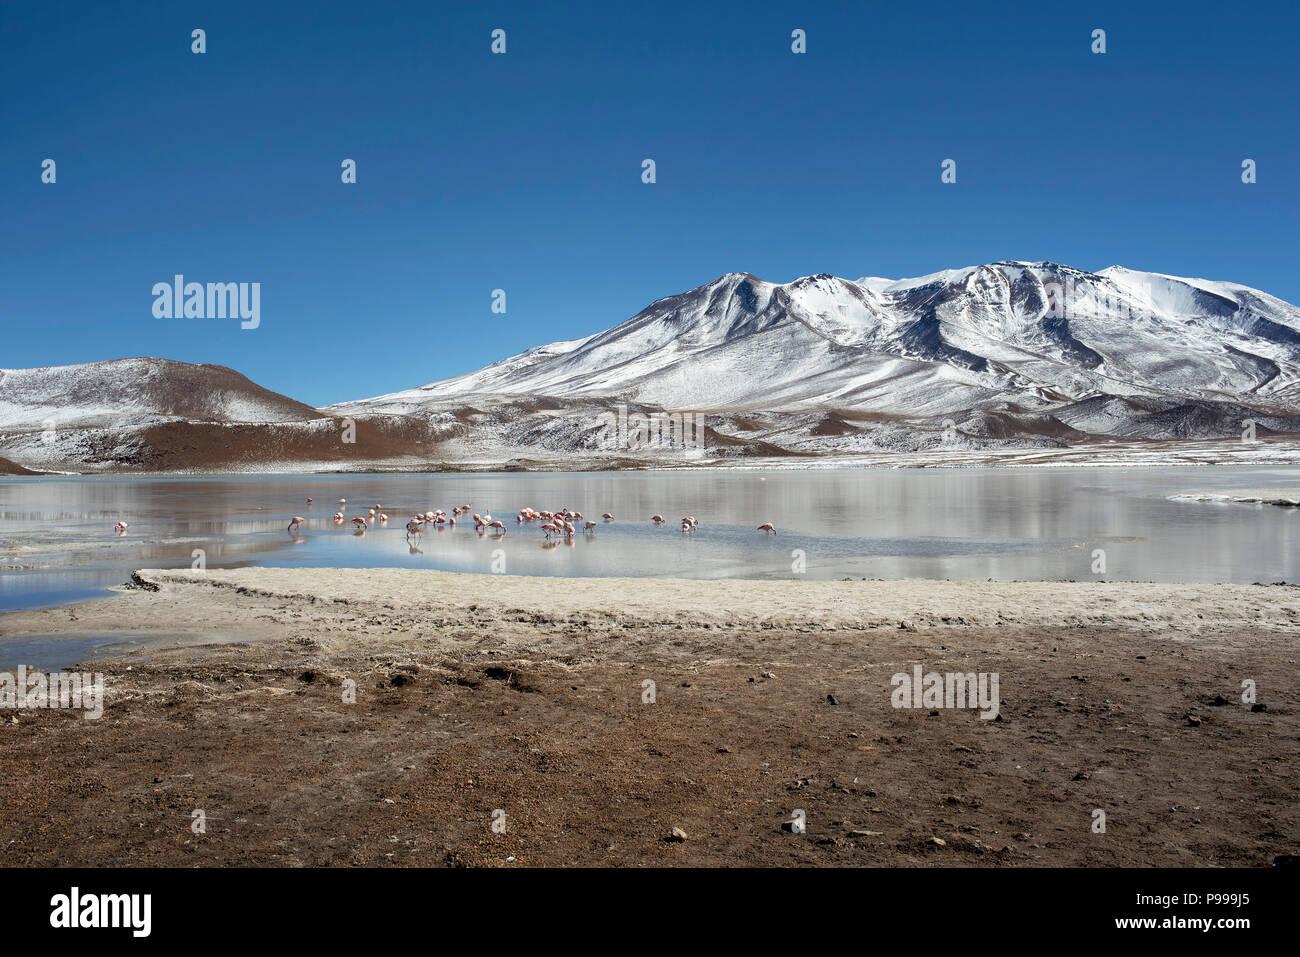 El paisaje invernal de Cañapa Laguna Cañapa (Salt Lake) en el departamento de Potosí, Bolivia. Imagen De Stock